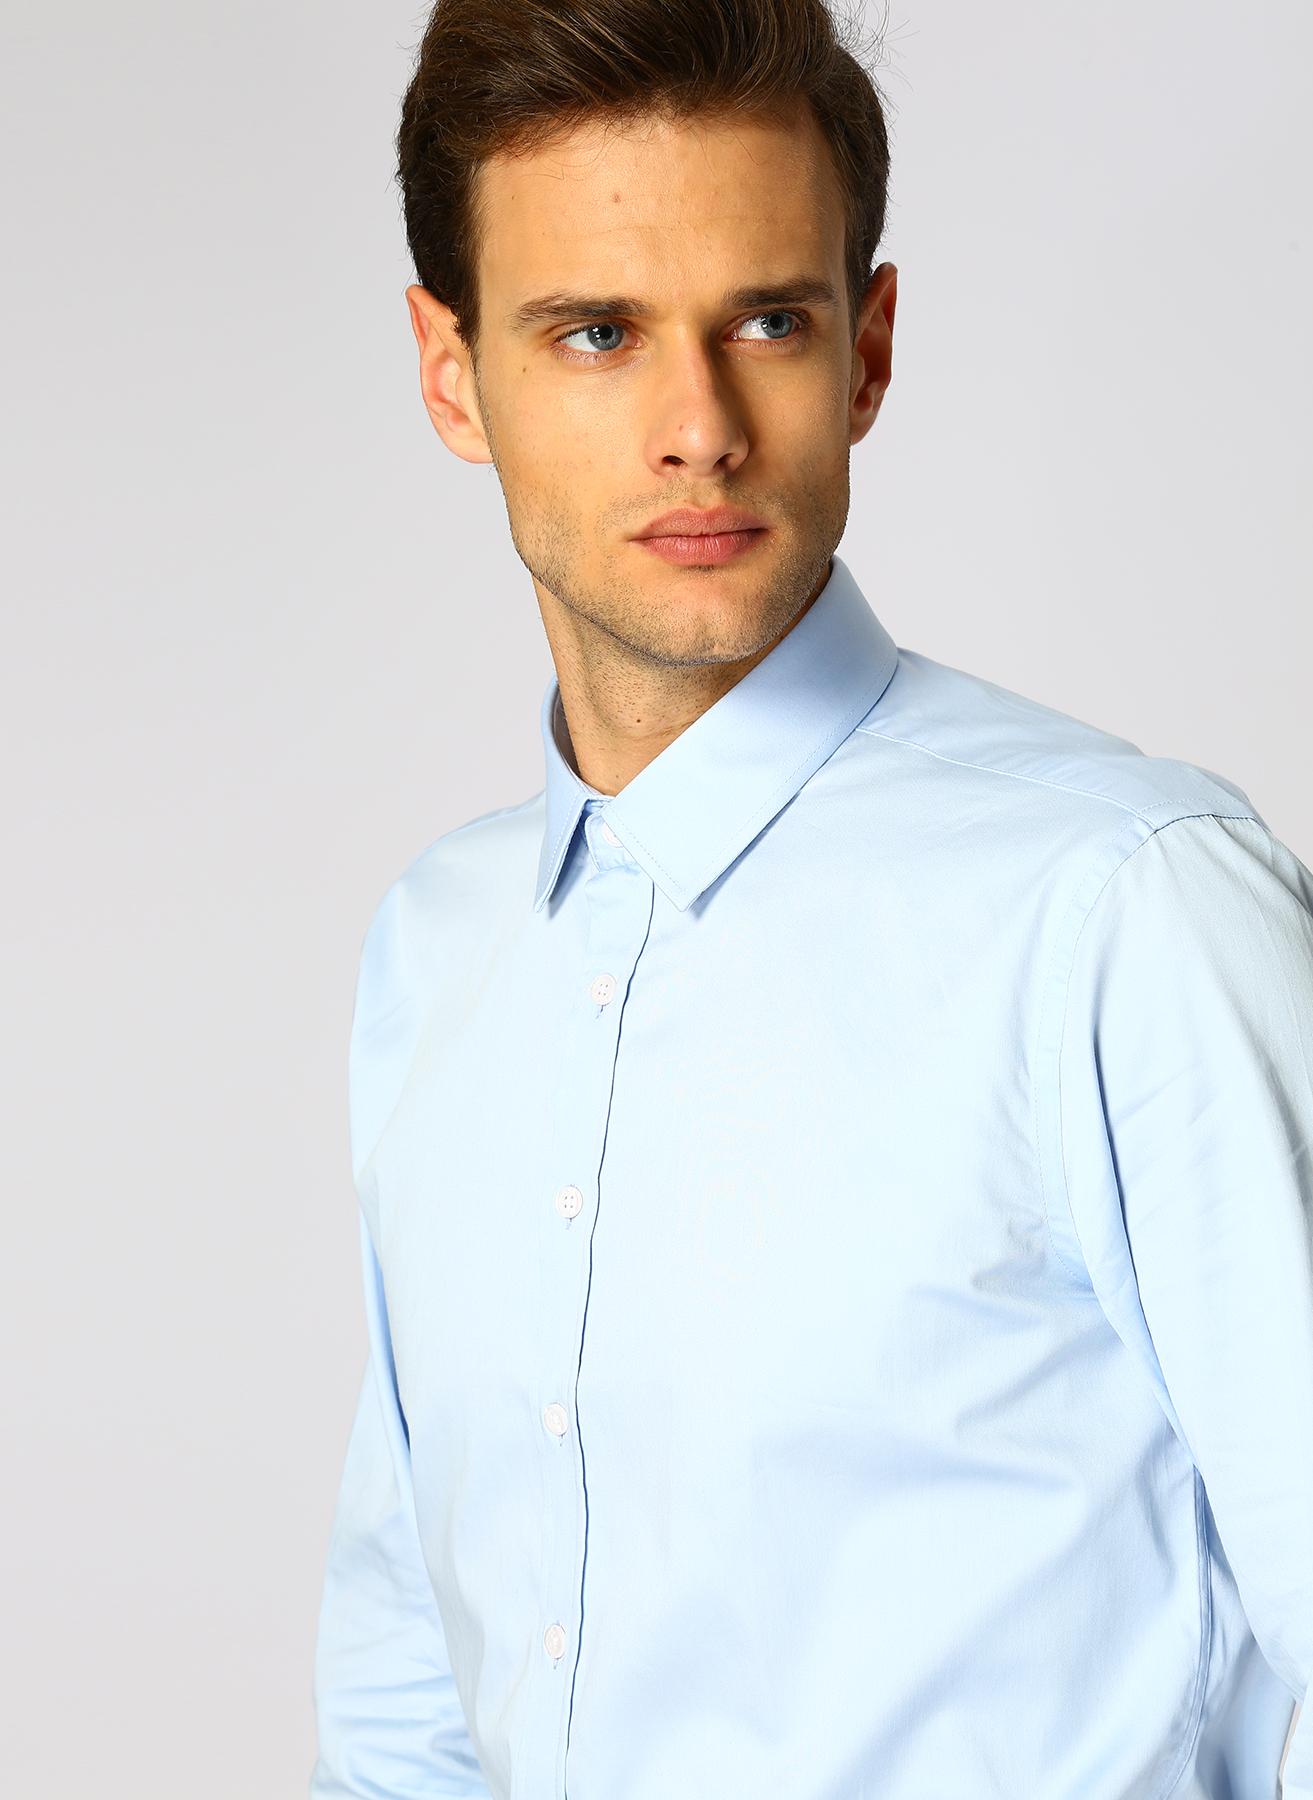 George Hogg Açık Mavi Gömlek 39 5001699352001 Ürün Resmi